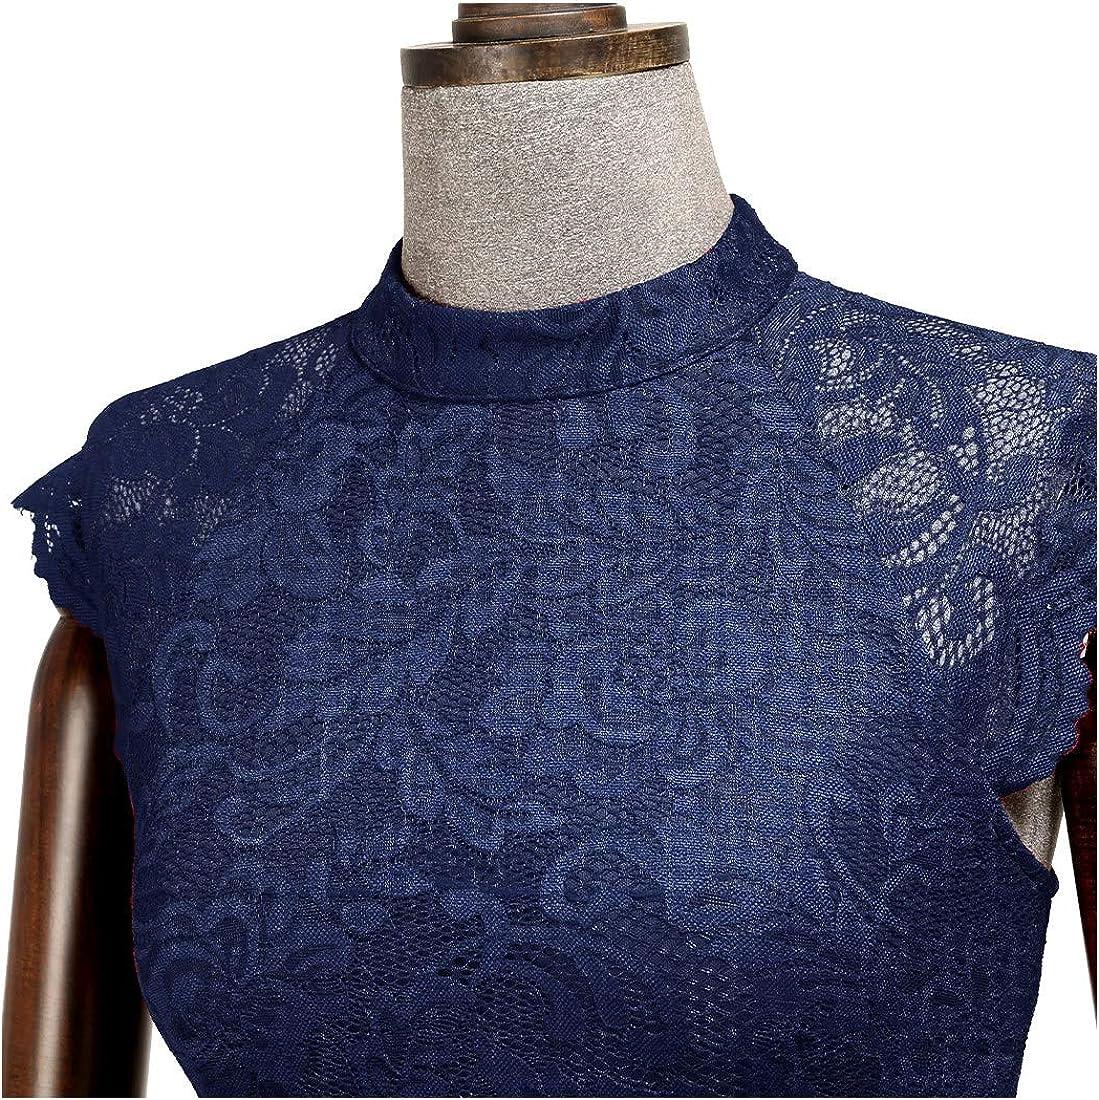 Miusol Vintage Dentelle Mousseline Maxi Robe de Soir/ée Femme